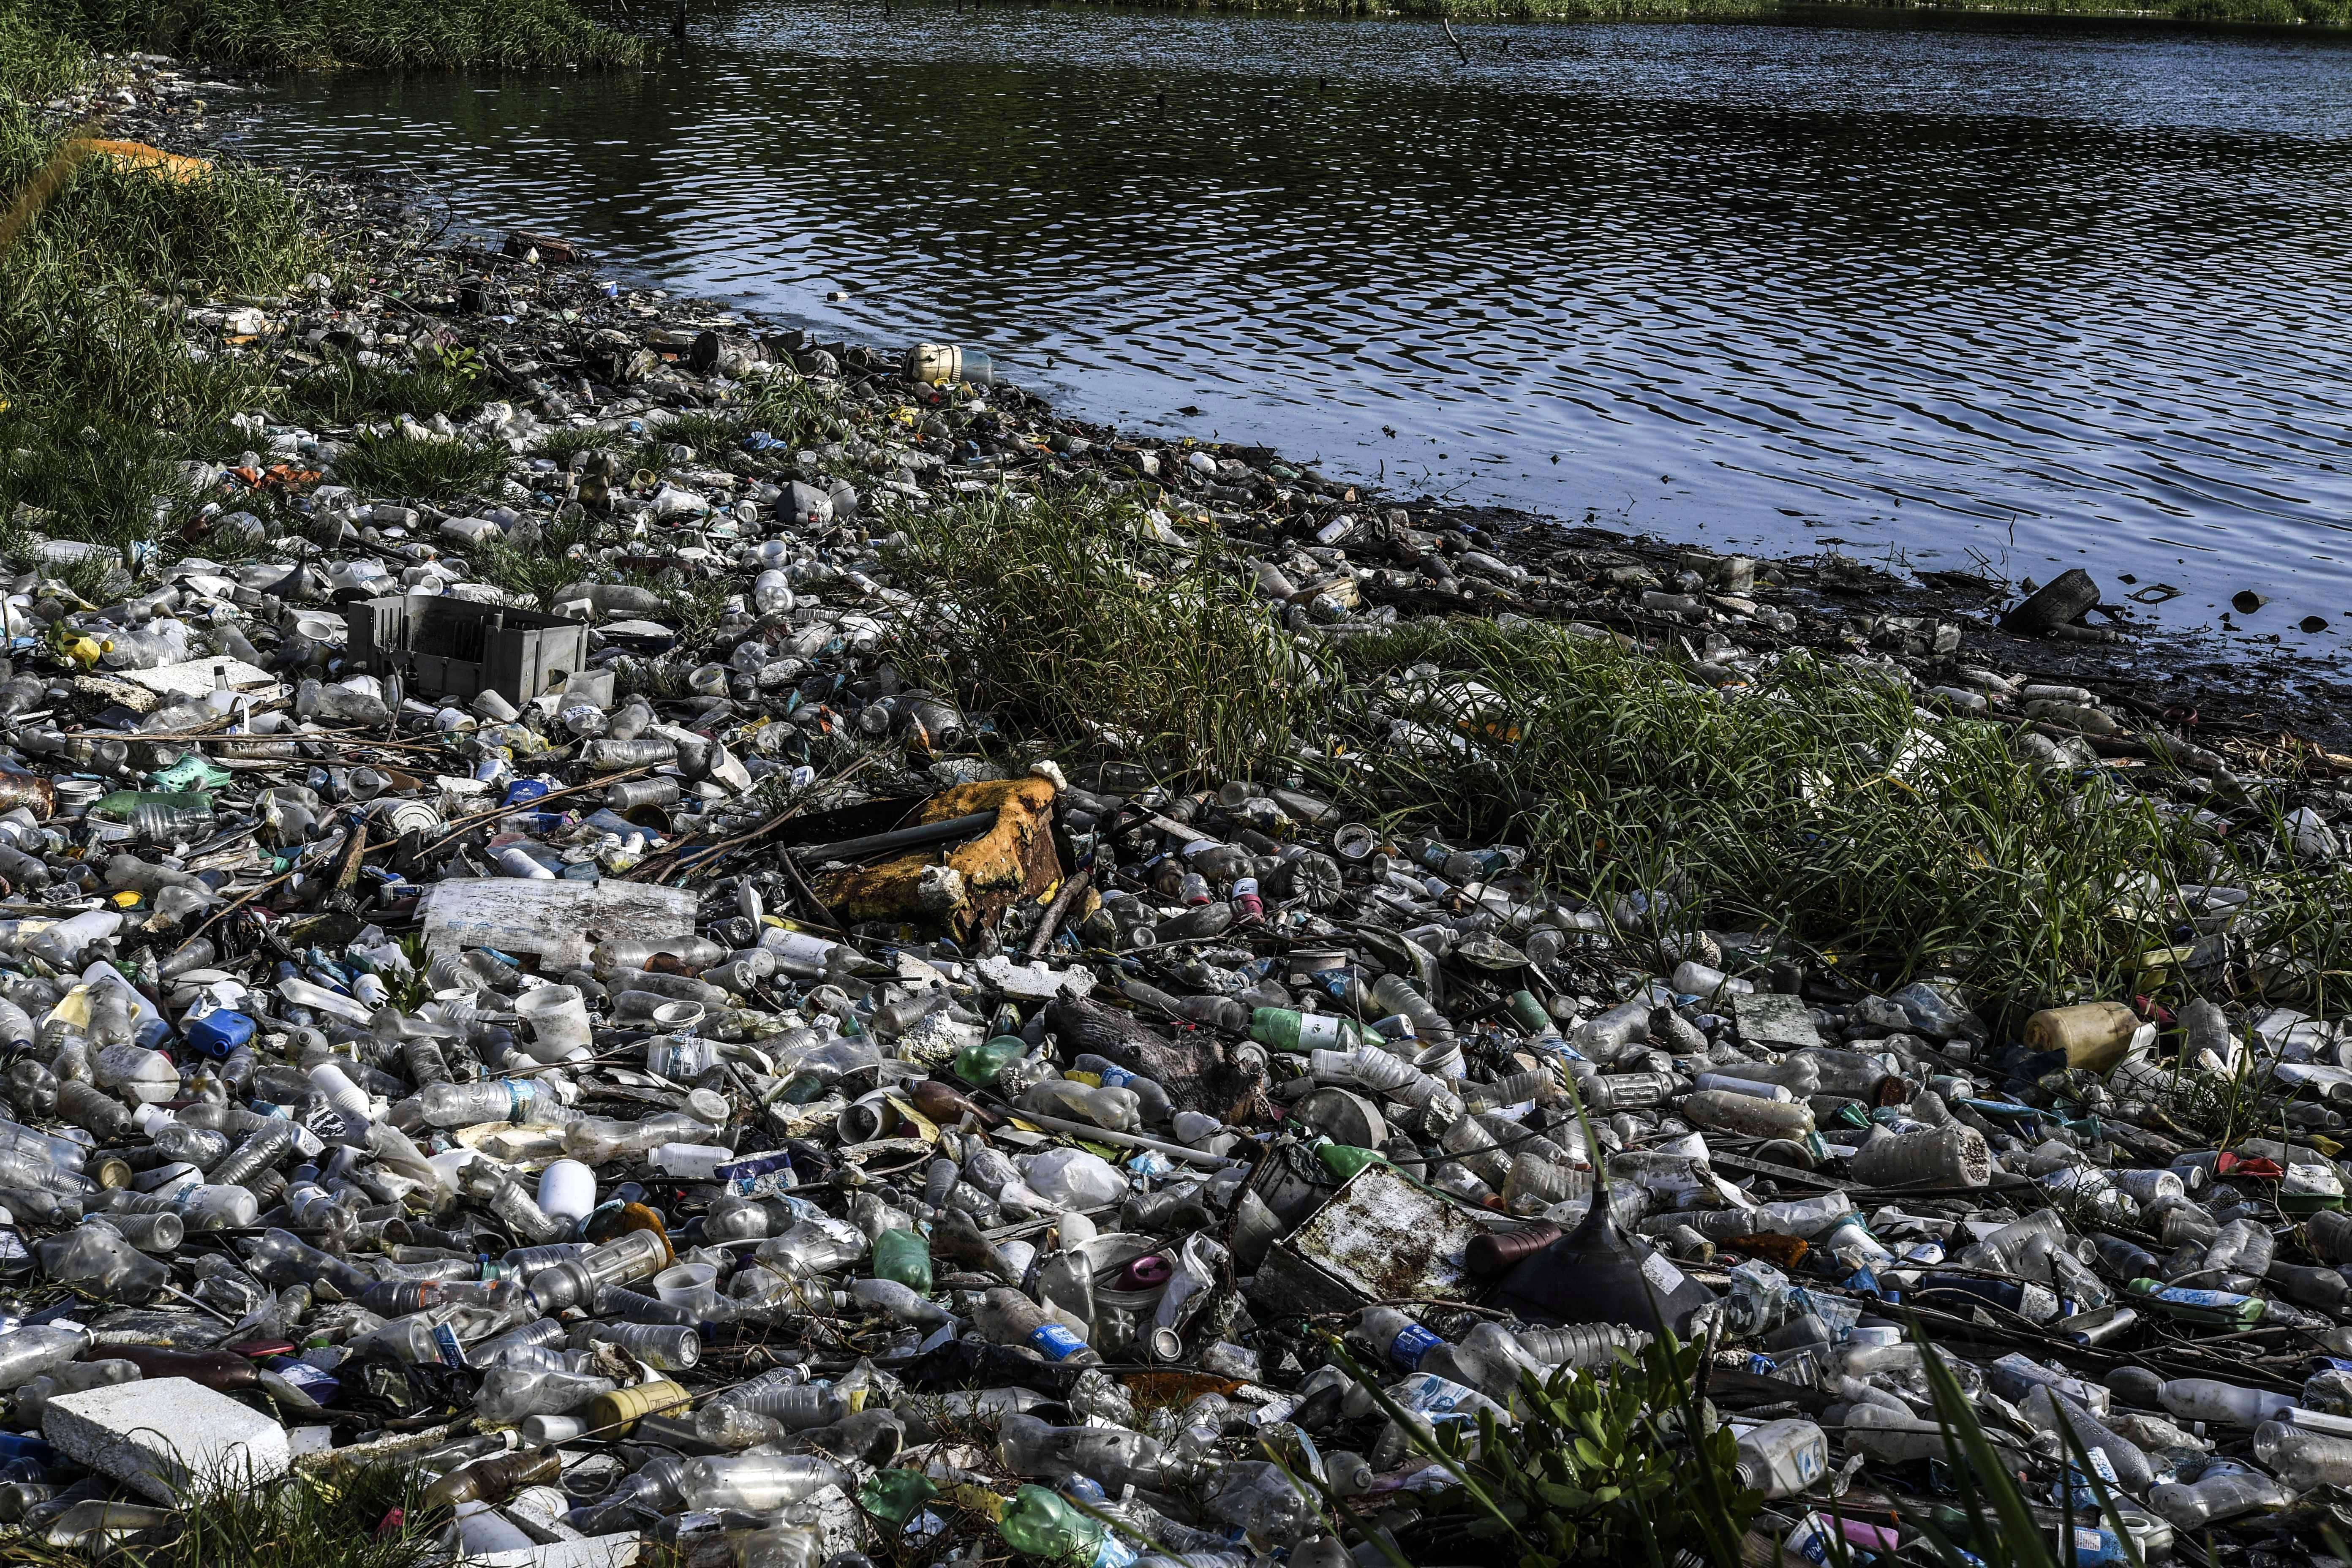 Lixo nas margens do poluído lago Maracaibo | Foto: YURI CORTEZ / AFP